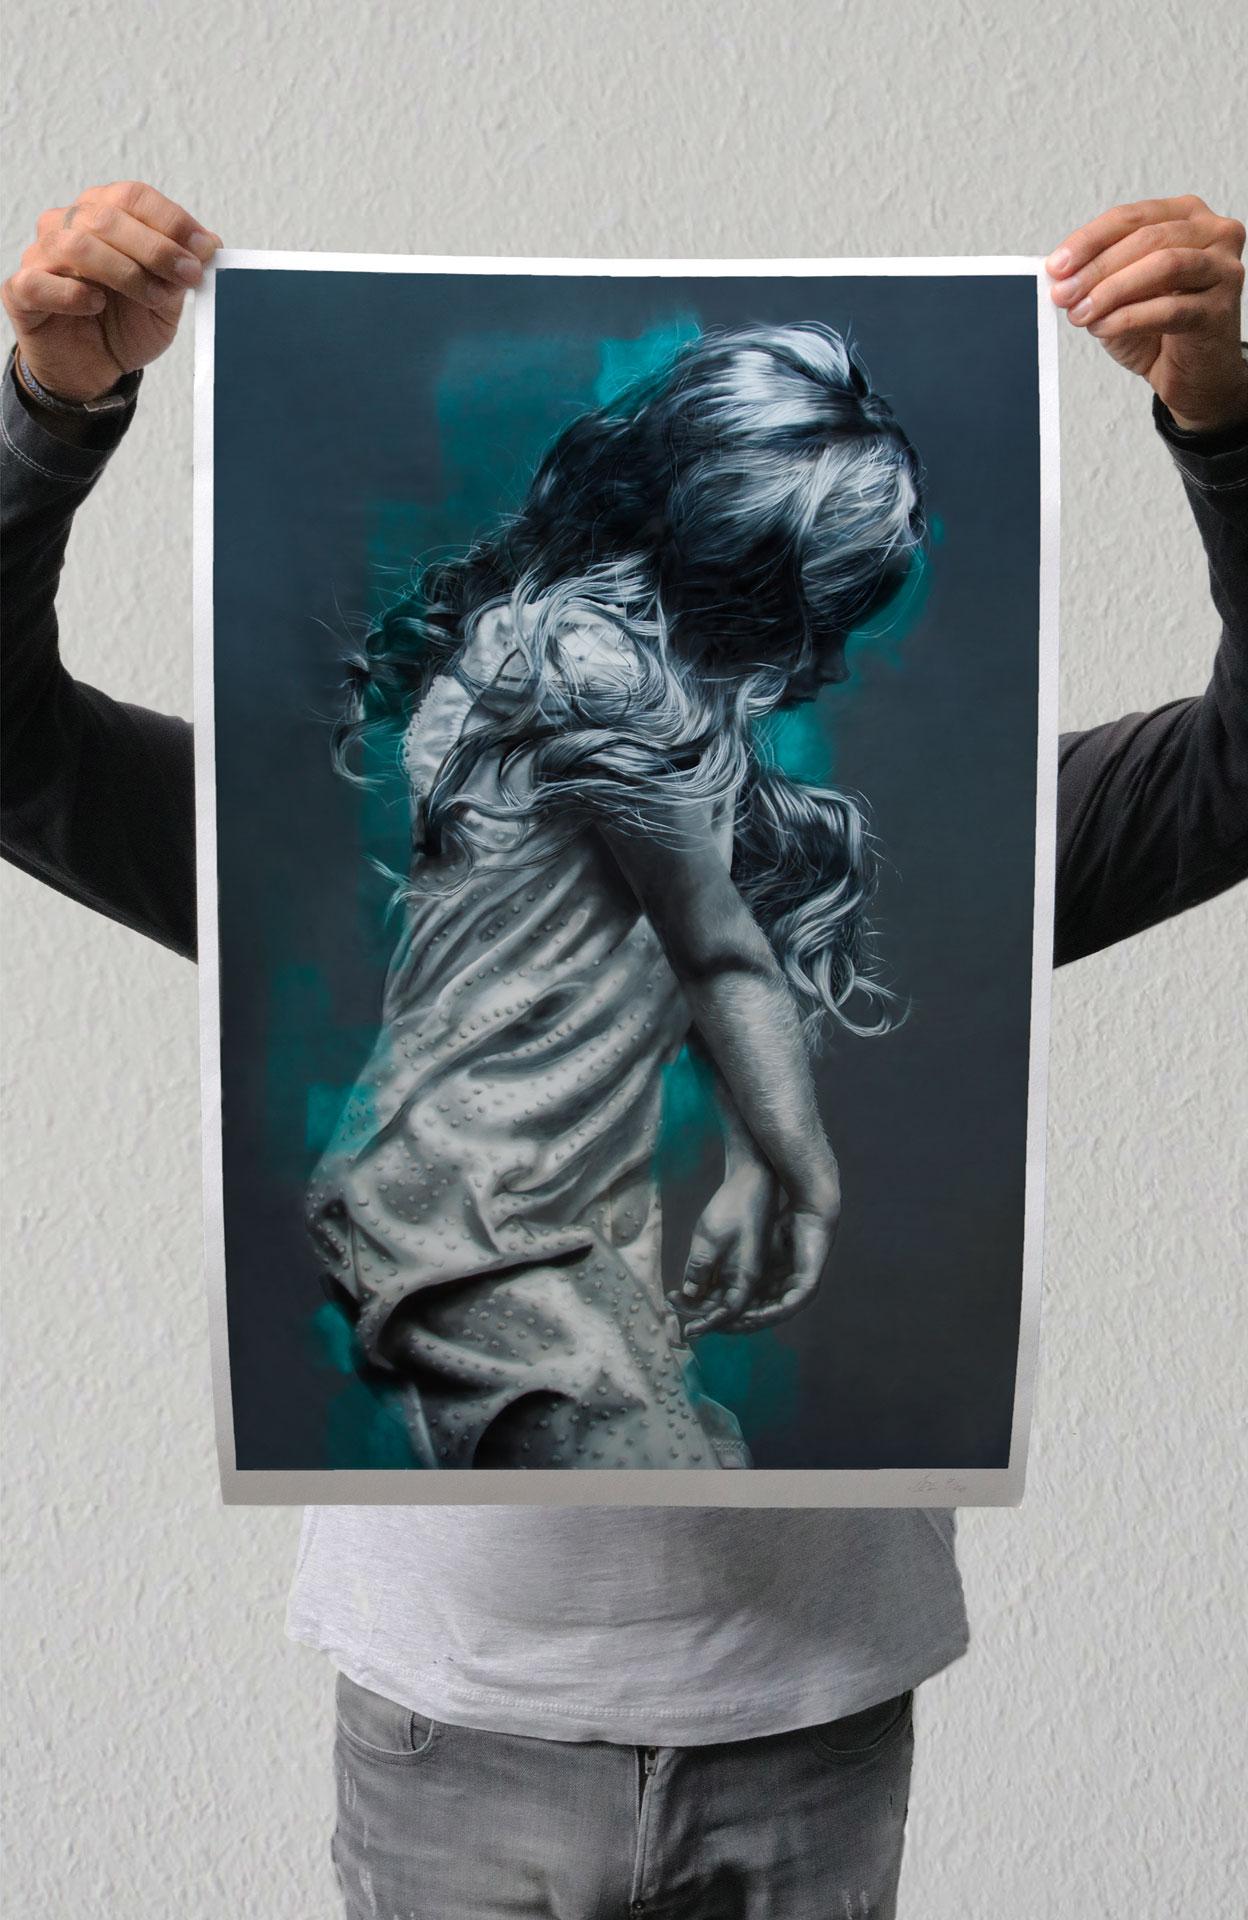 Street art, print, female, artist, Murals, Mural, Graffiti, Art, JDL, Judith de Leeuw